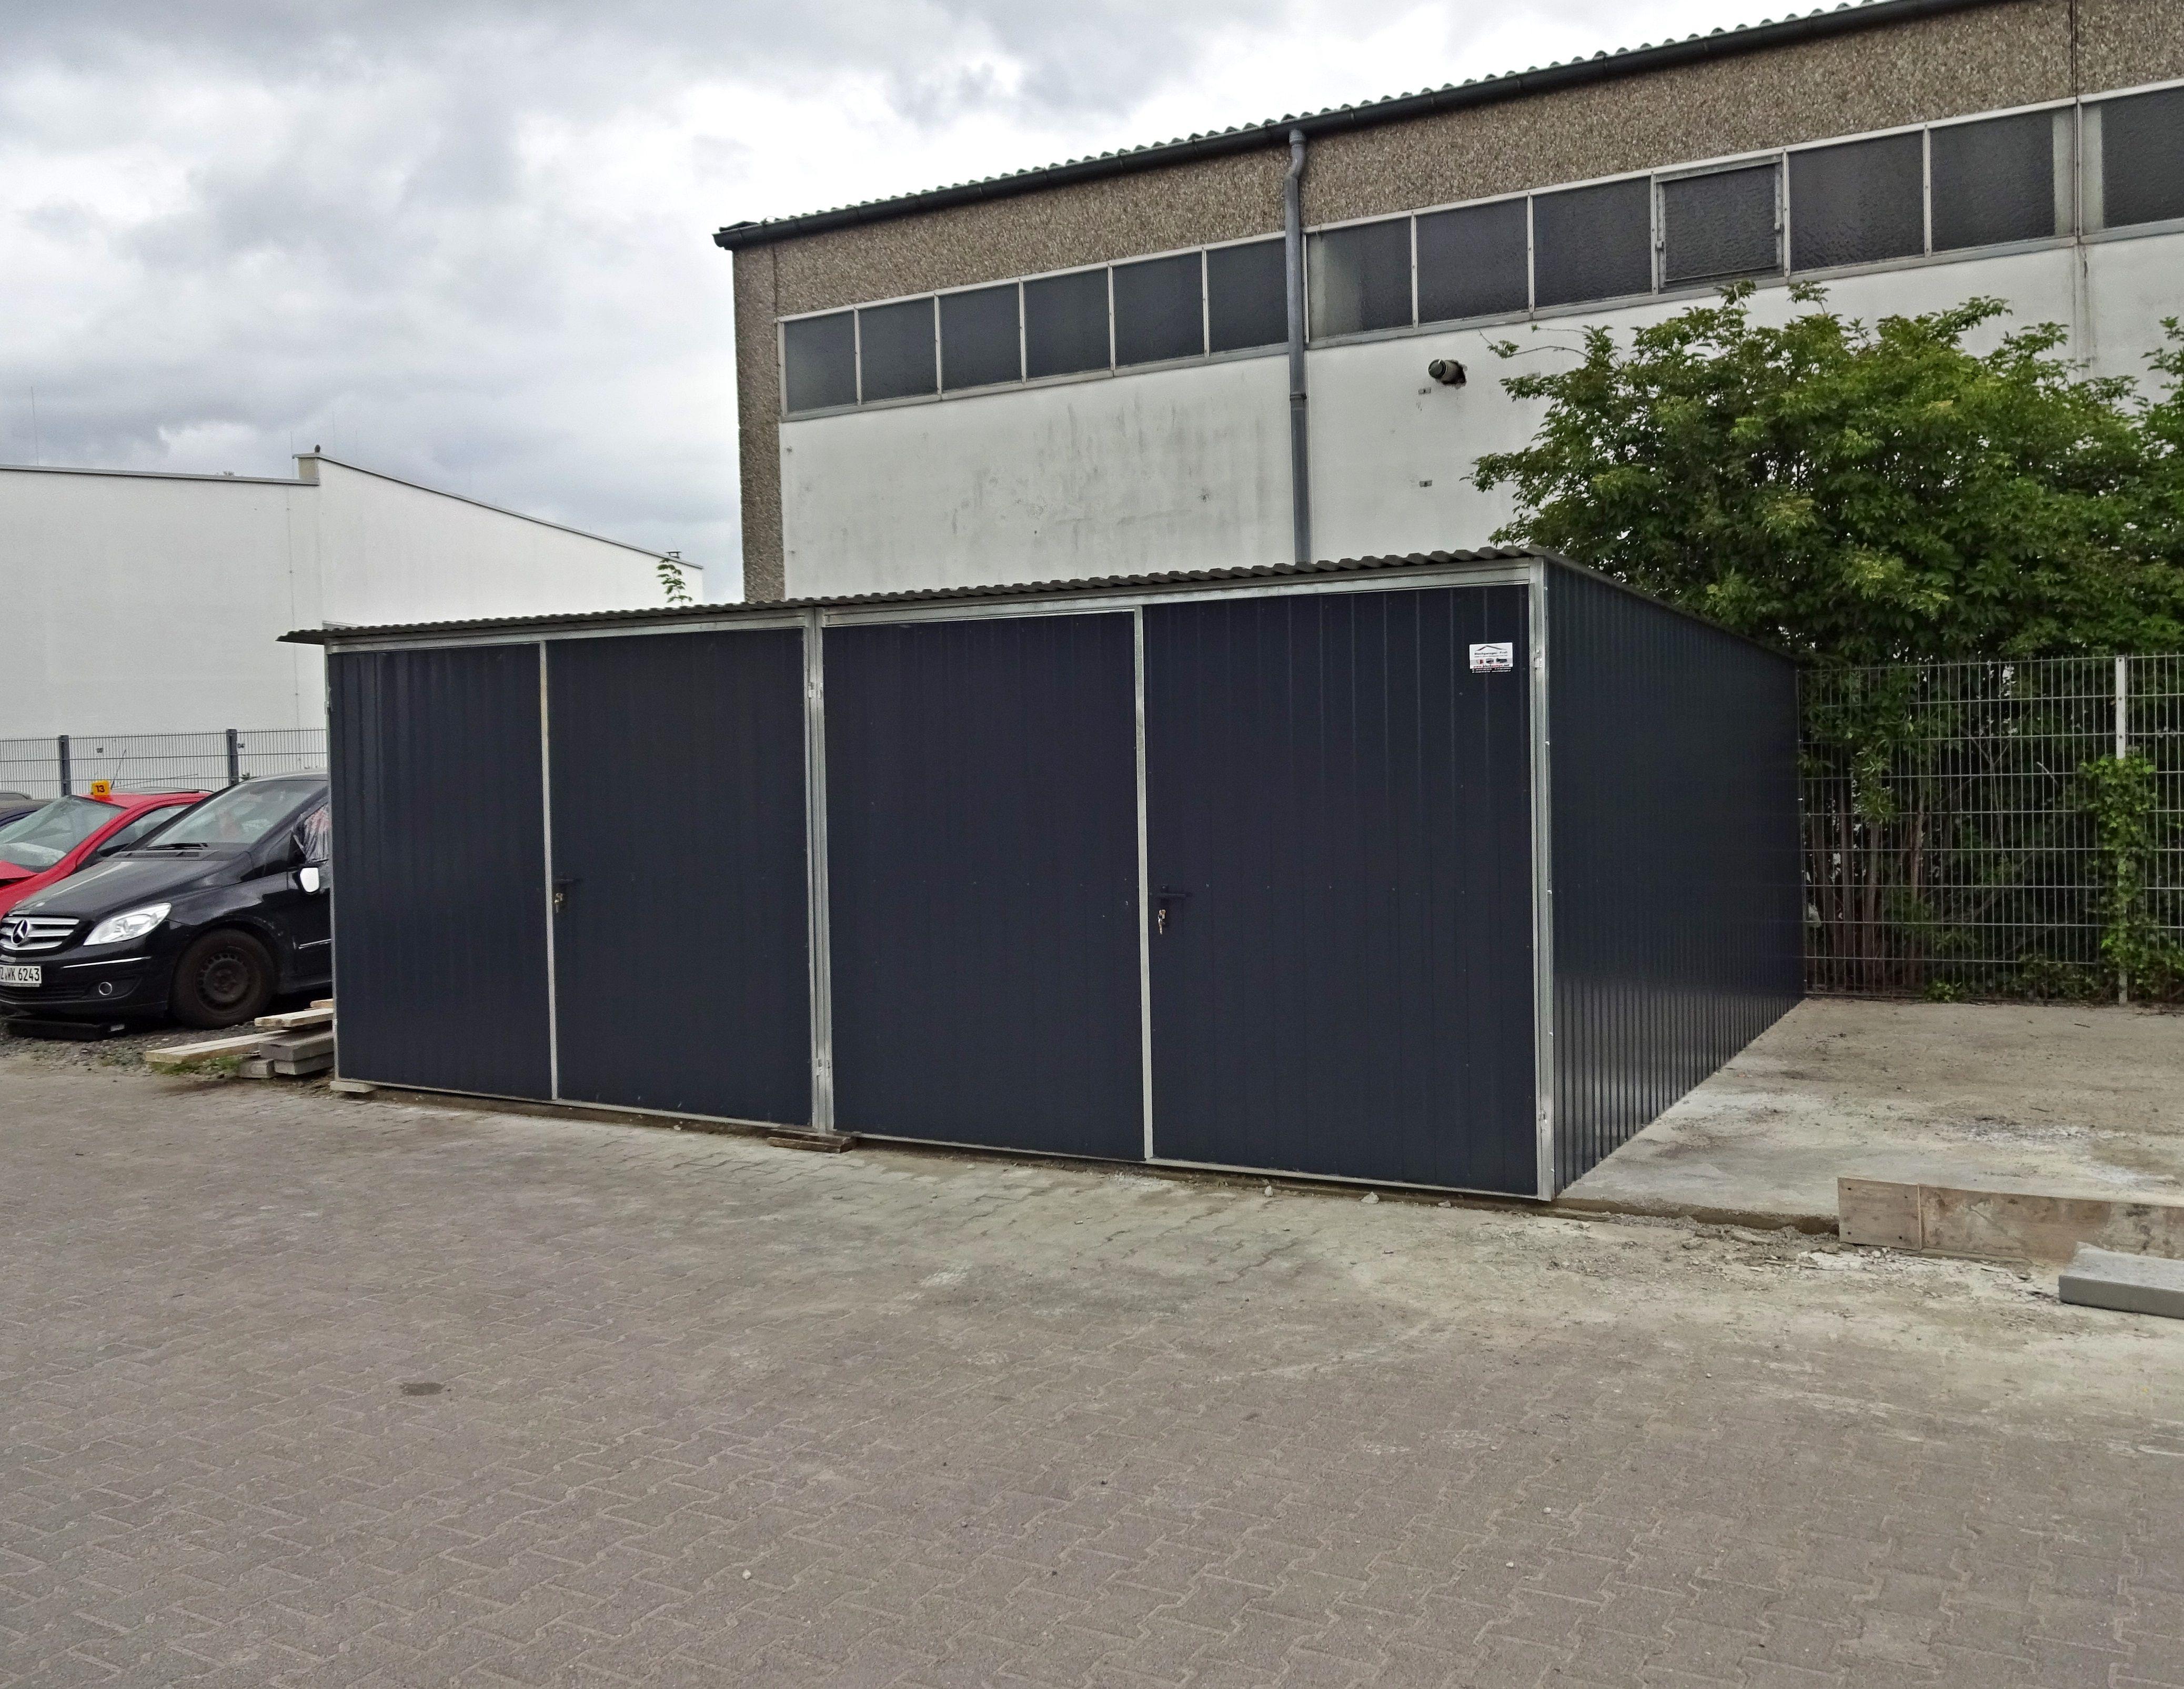 doppelgarage 3x5m in ral metallgarage blechgarage garagen pinterest garage. Black Bedroom Furniture Sets. Home Design Ideas